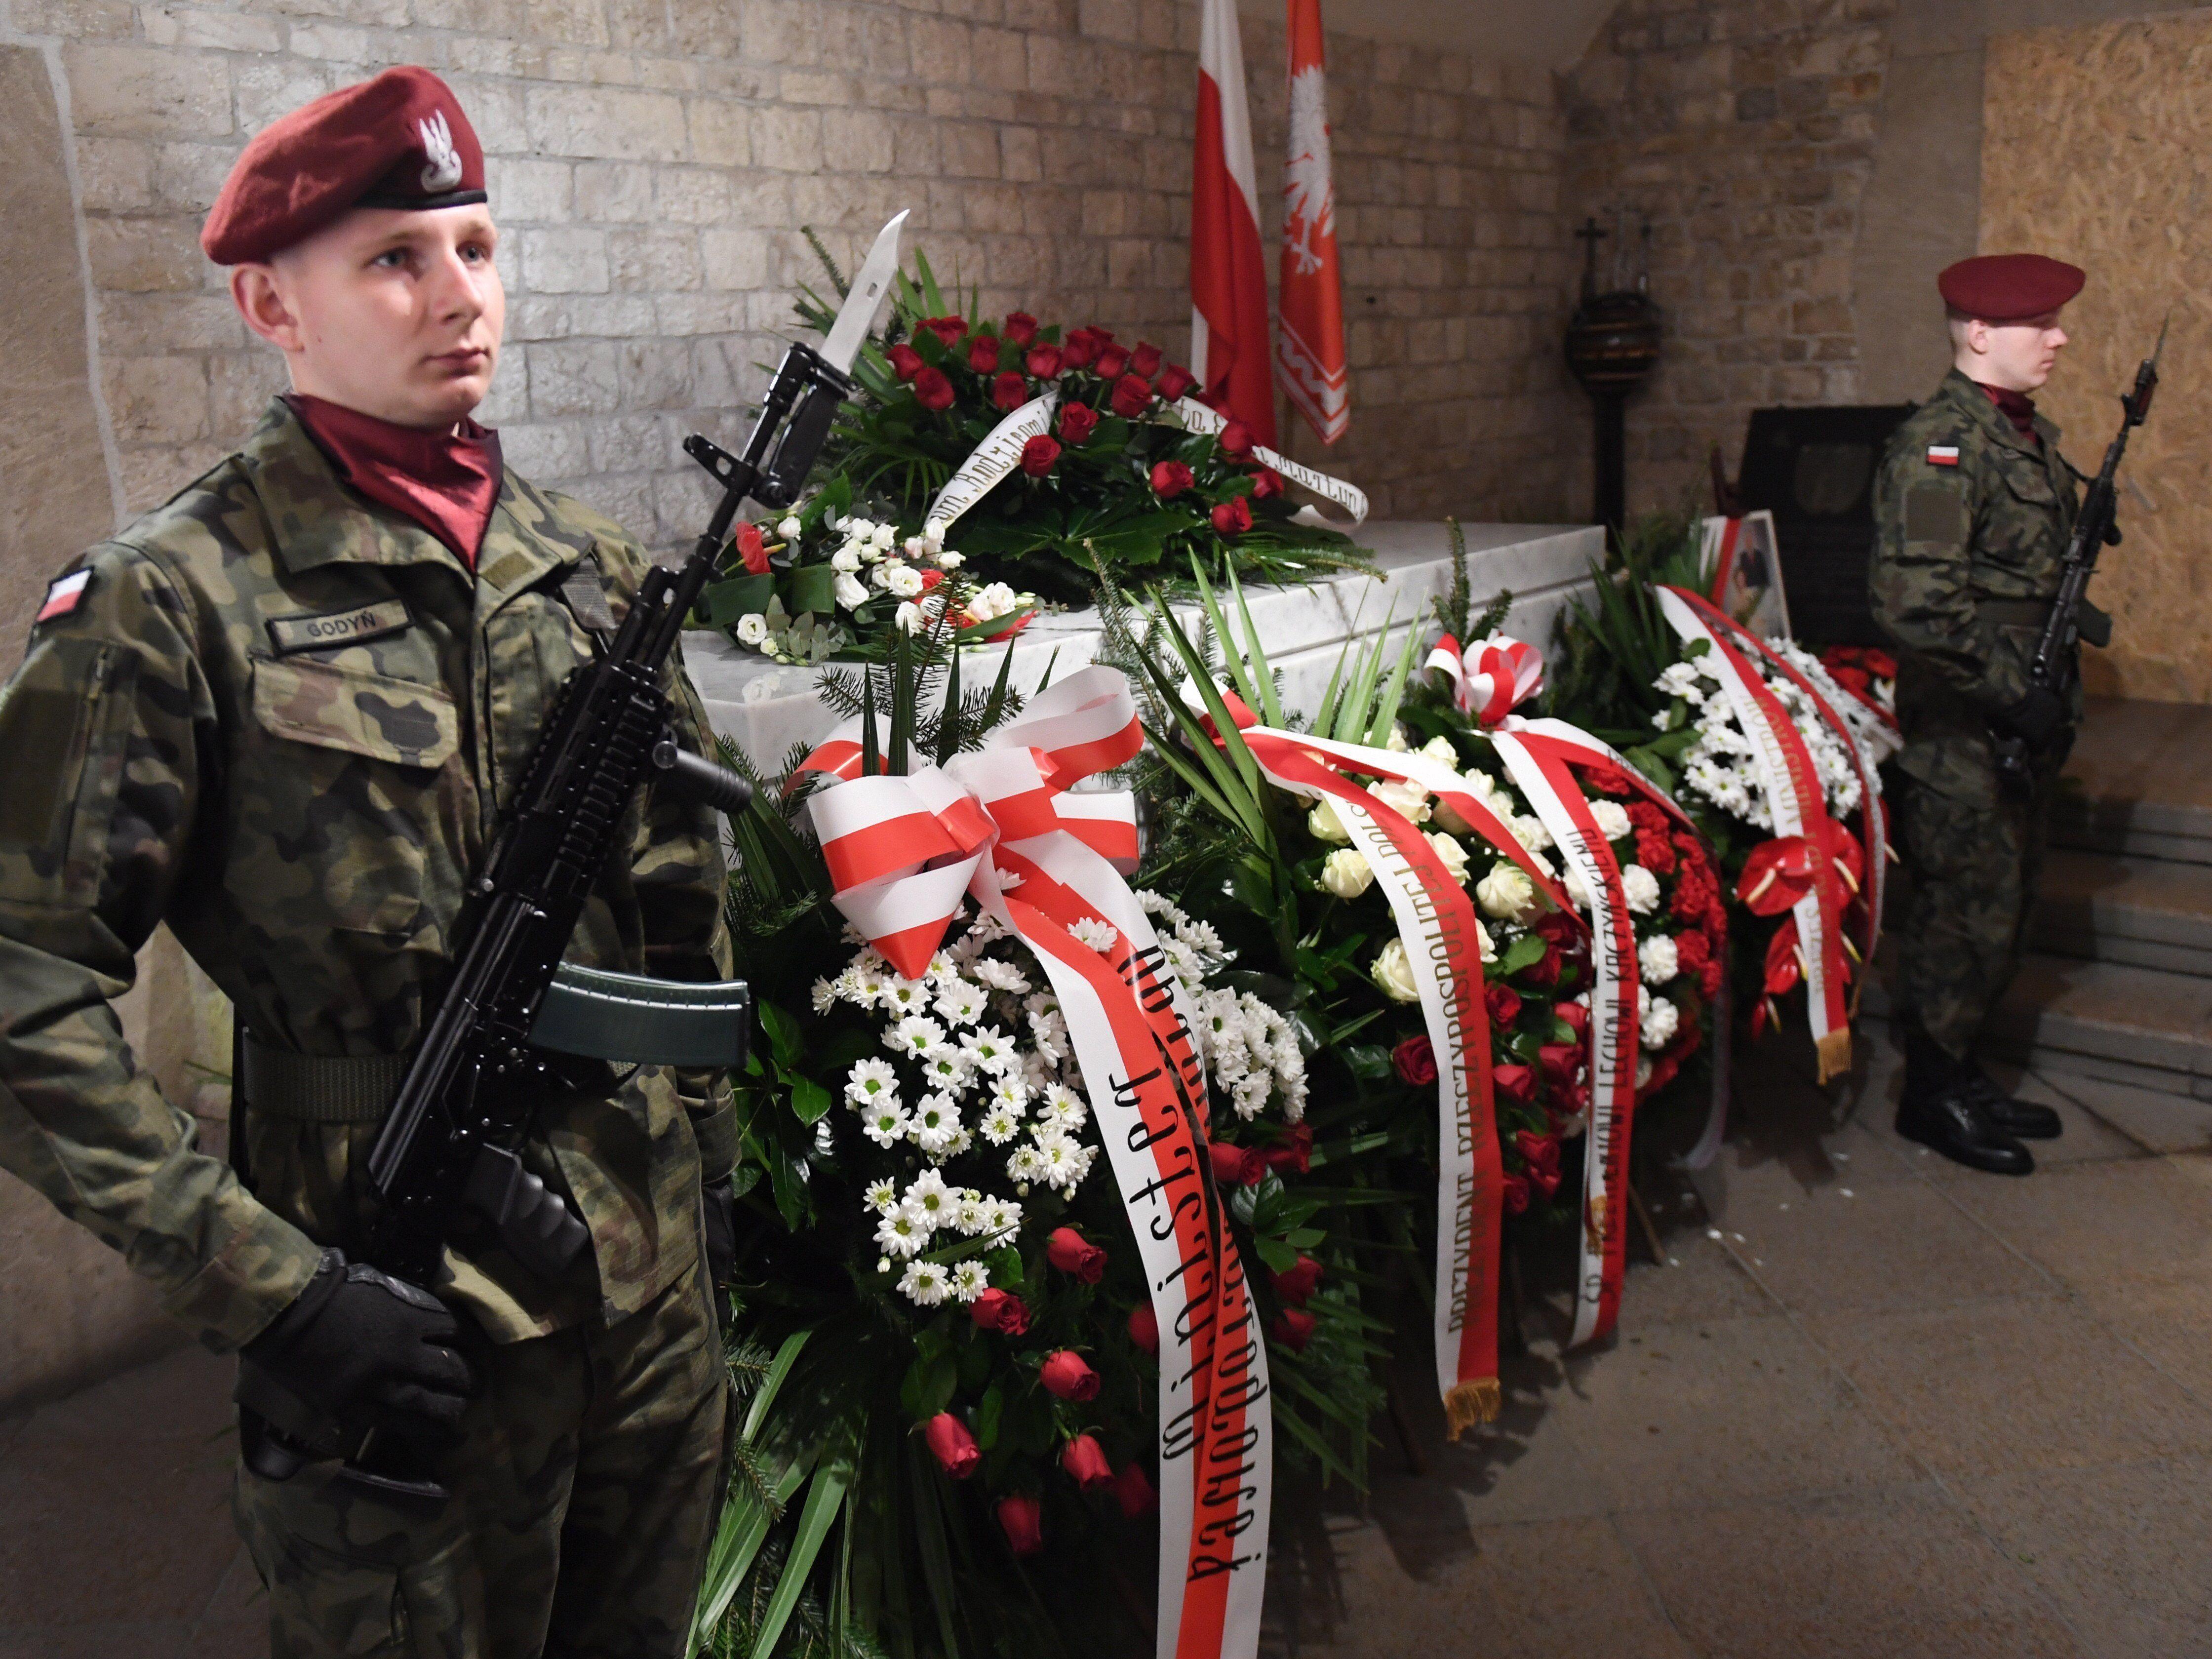 Lech Kaczynski volt lengyel elnök és felesége, Maria Kaczynska szarkofágja a krakkói királyi várban, a Wawel székesegyház kriptájában a házaspár halálát okozó repülőszerencsétlenség nyolcadik évfordulójának alkalmából 2018. április 10-én. A házaspárt és 94 másik embert – köztük az állami szféra és a hadsereg több vezető személyiségét – szállító repülőgép 2010. április 10-én zuhant le az oroszországi Szmolenszk közelében. (MTI/EPA/Jacek Bednarczyk)